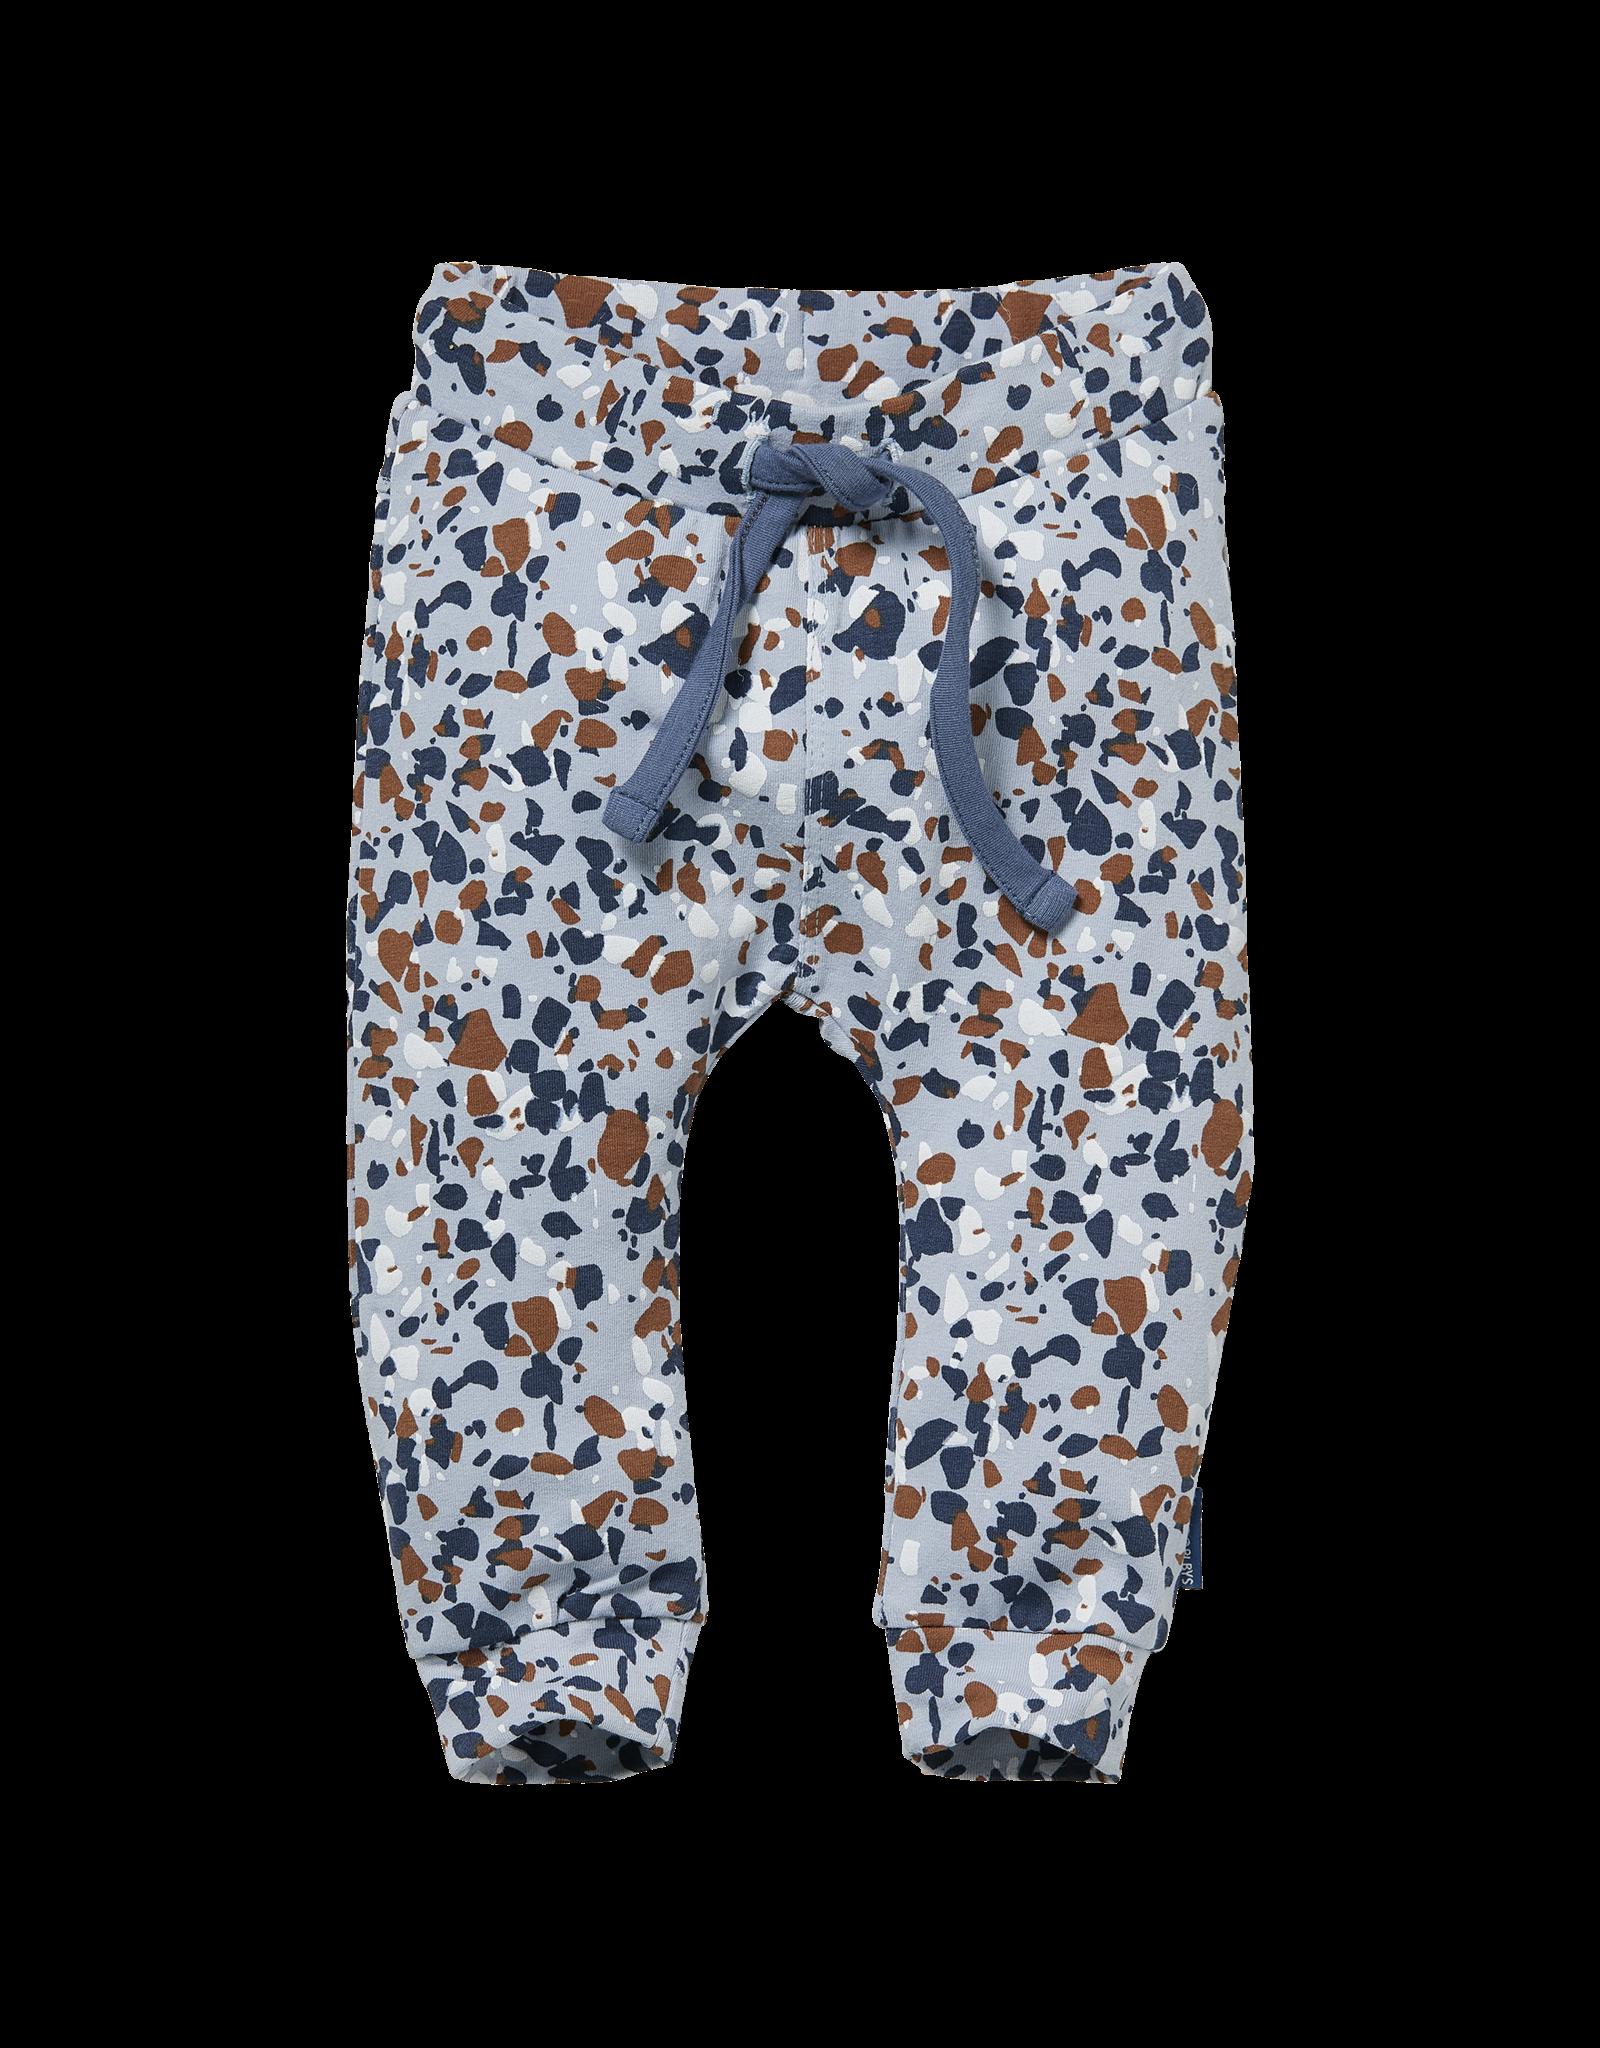 Quapi PANTS, NOAH , Baby Blue Spots